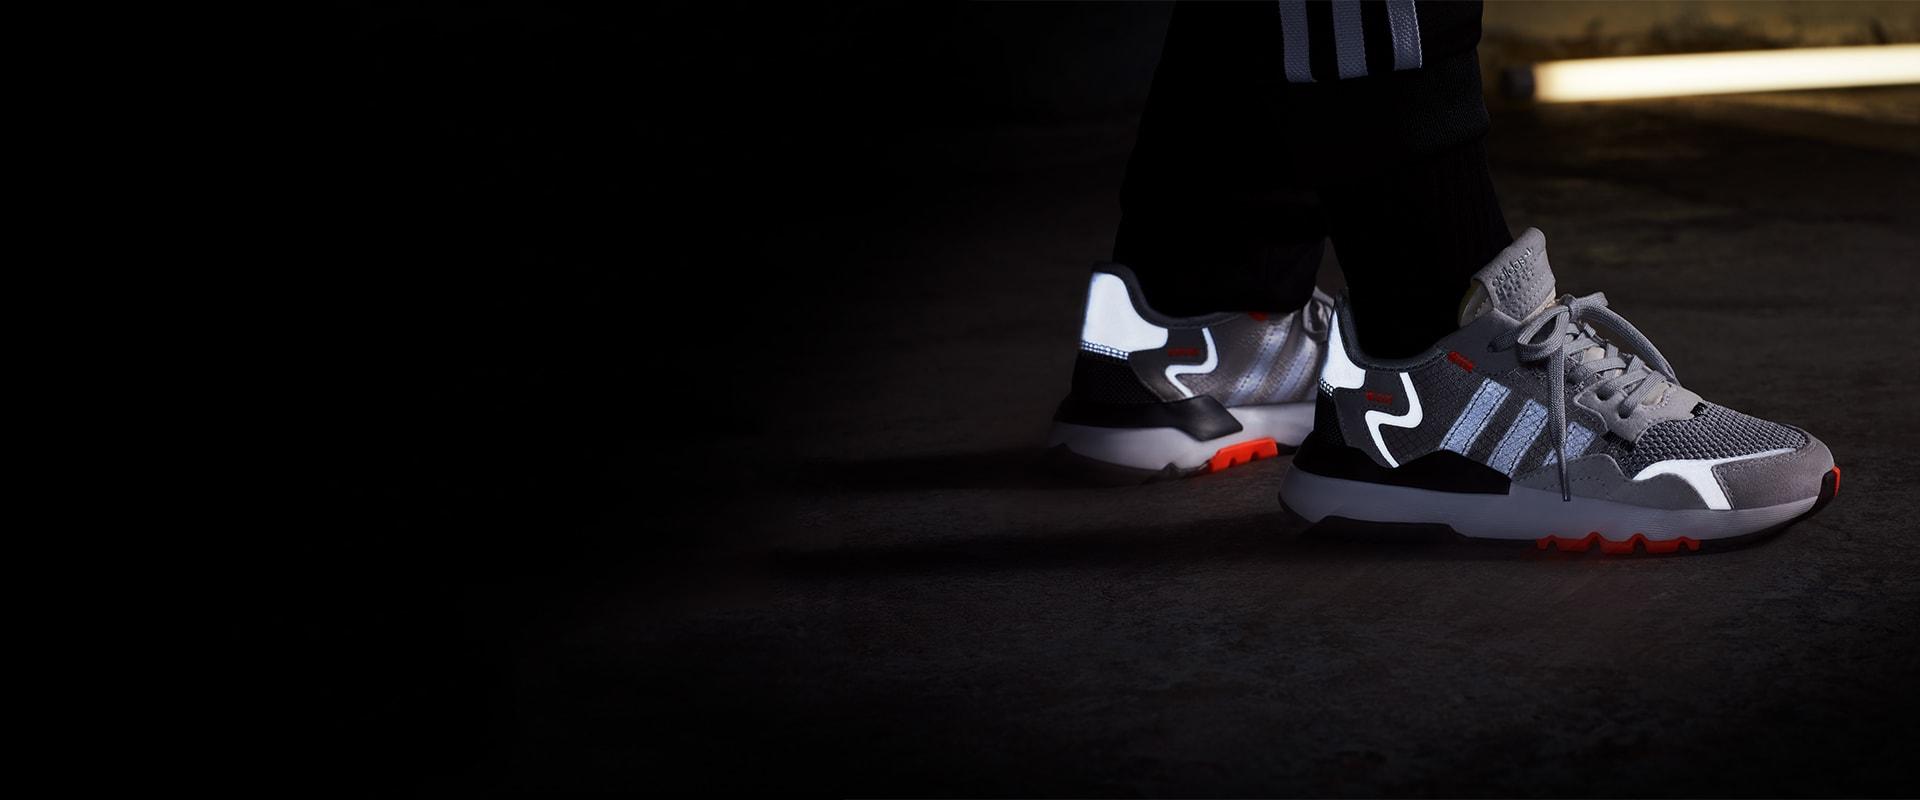 36937b172 Originals Sneakers  amp  Apparel - Free Shipping  amp  Returns ...